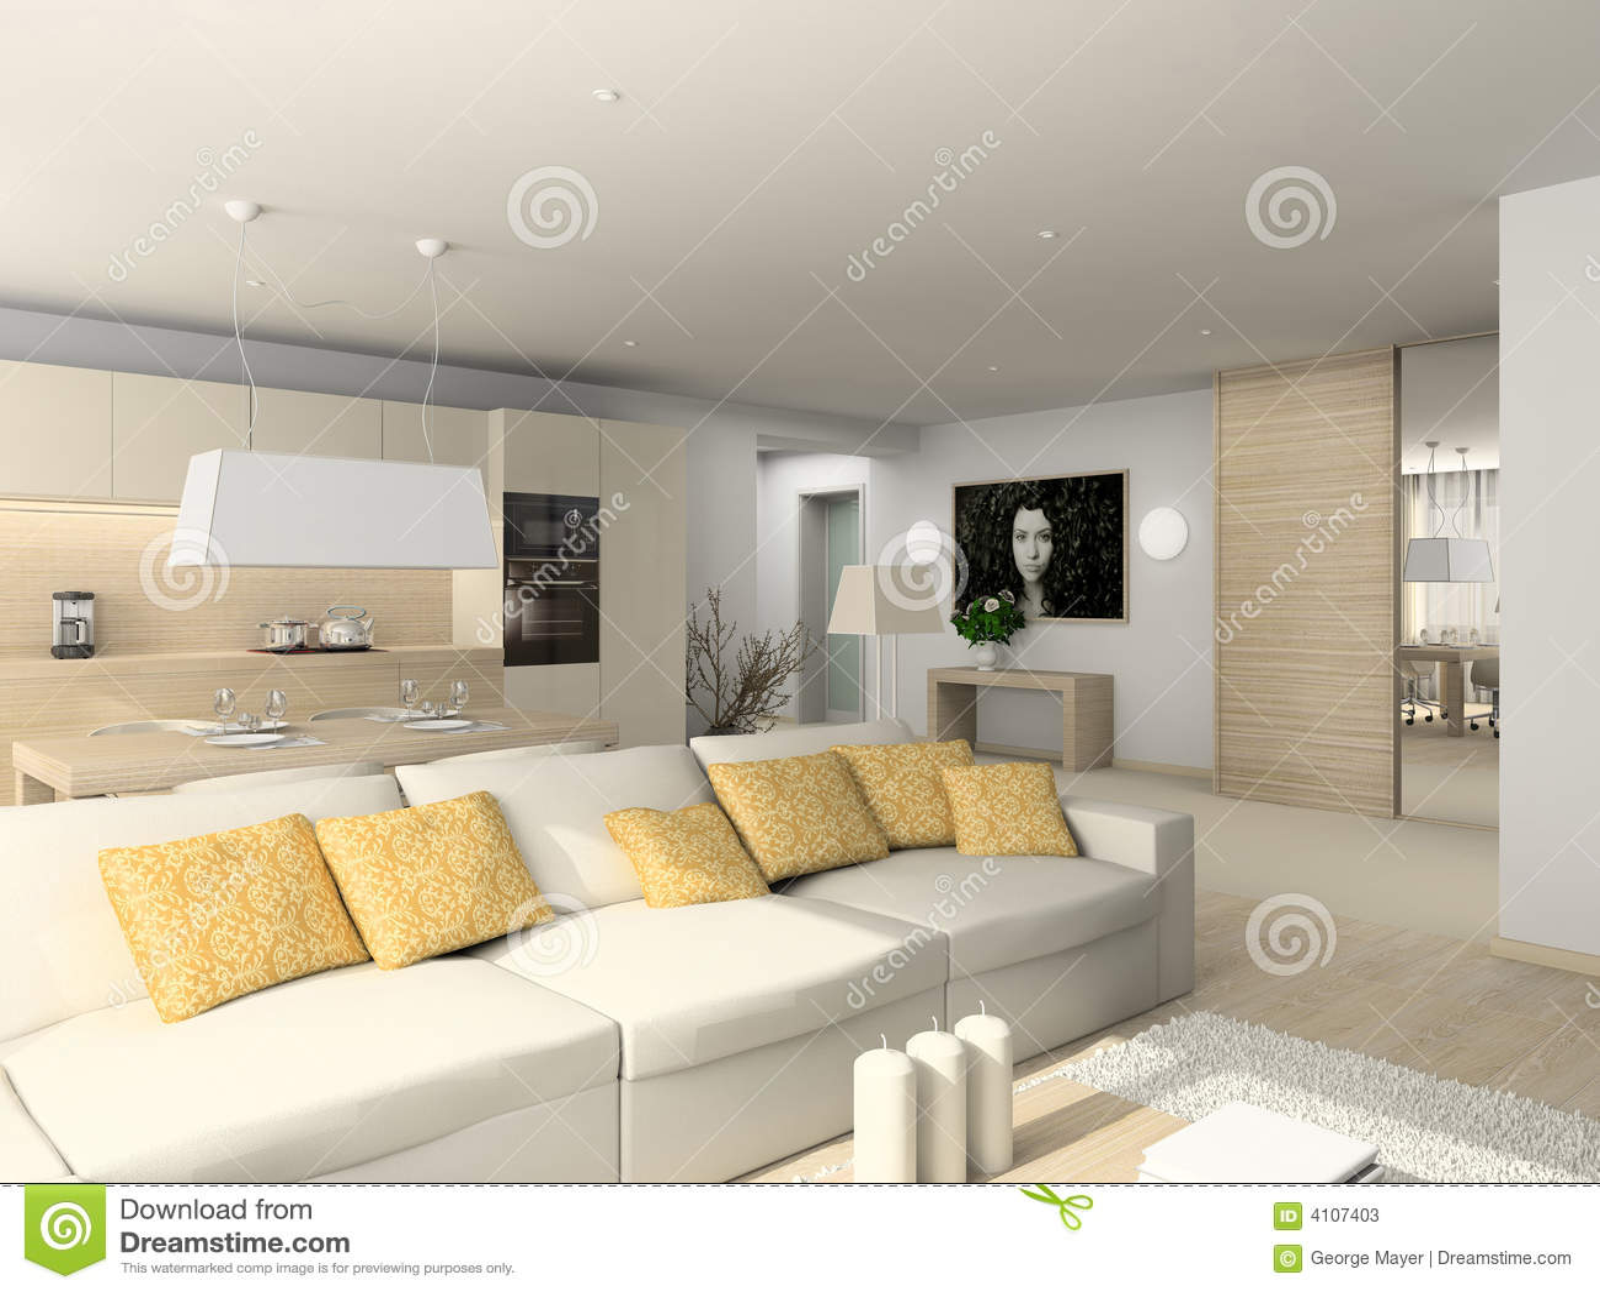 Wohnzimmer Mit Den Modernen Möbeln Stock Abbildung - Illustration ...